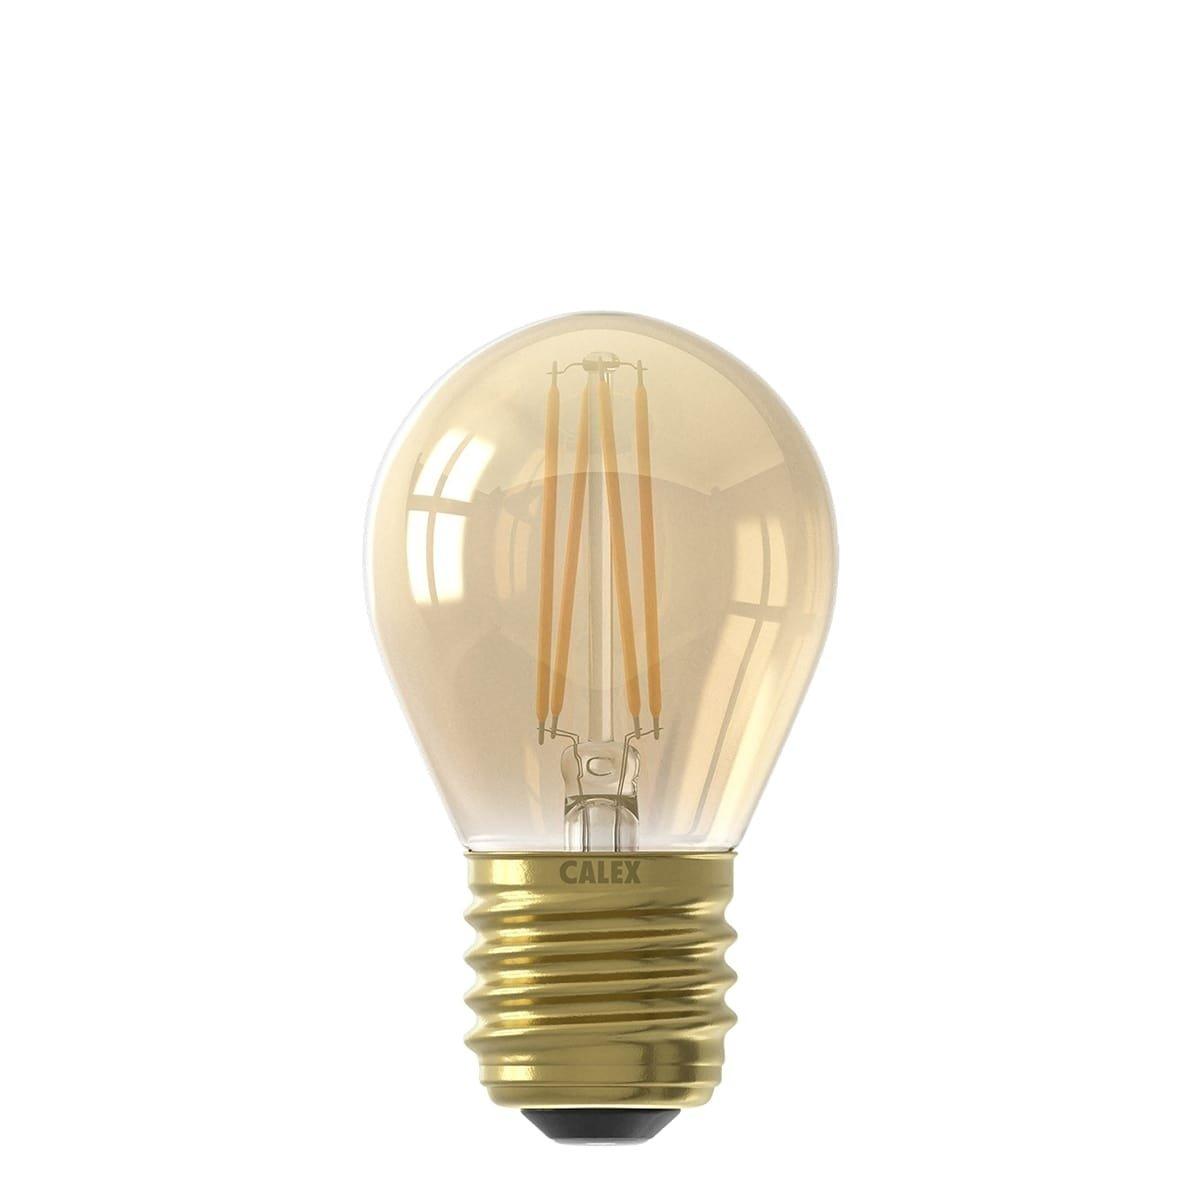 Außenbeleuchtung Lichtquellen Led kugellampe Mini Globe Gold - 3.5W